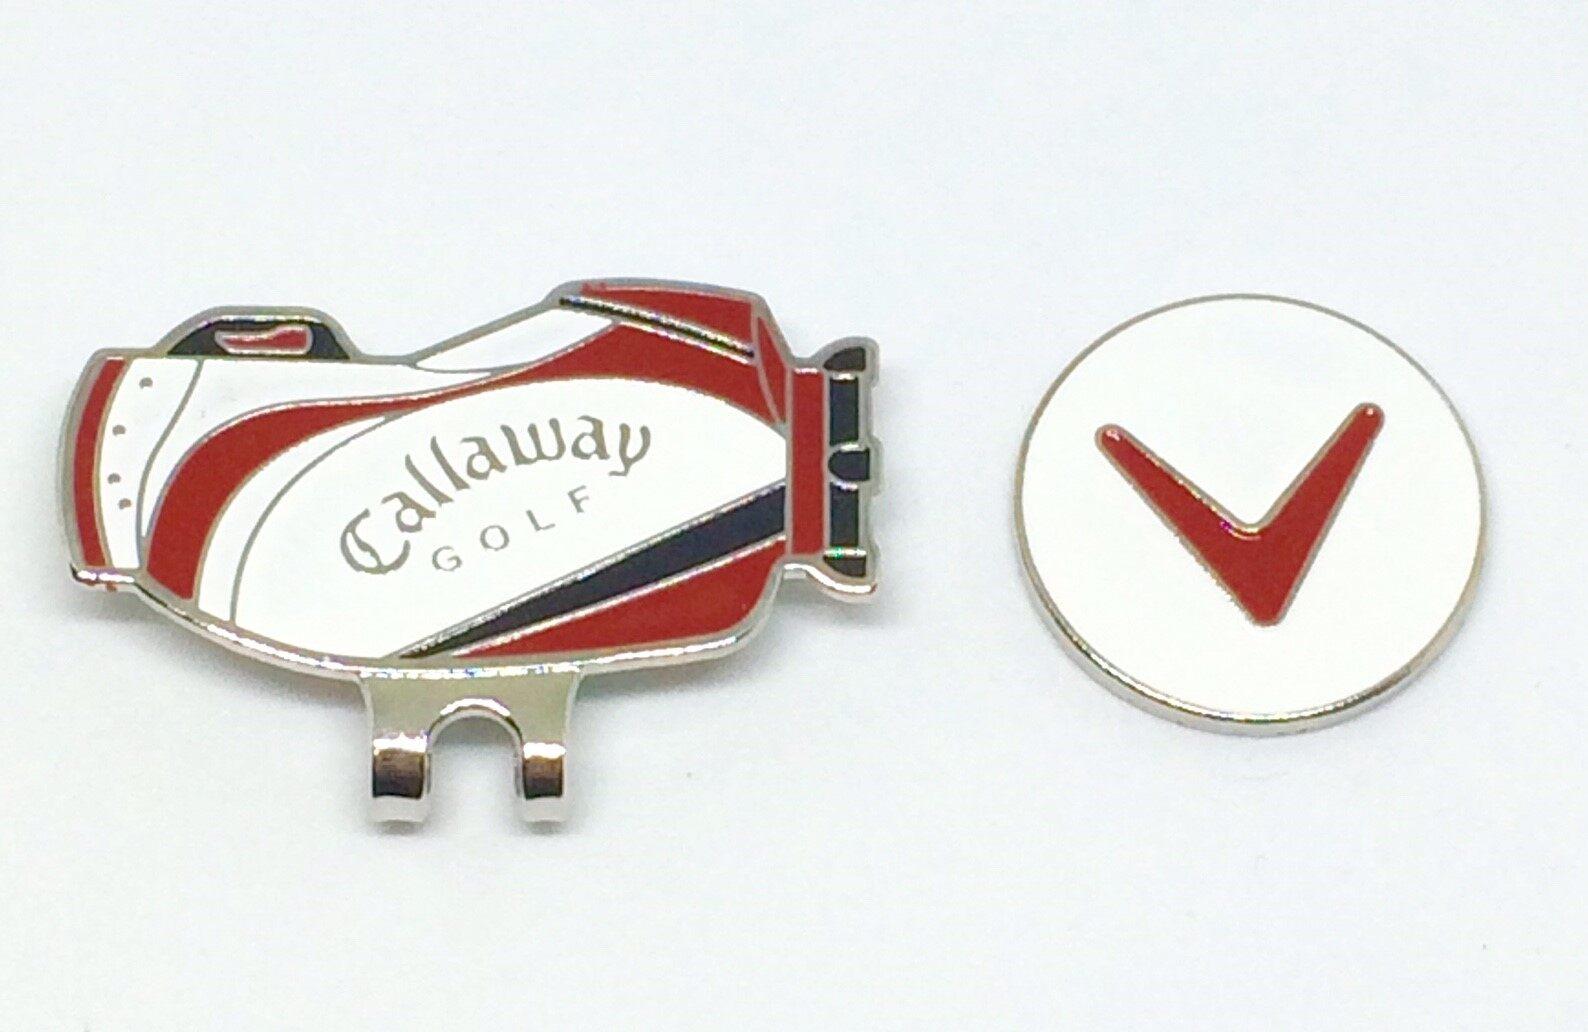 คลิปหมวกแม่เหล็ก มีให้เลือกหลายลาย EXCEED GOLF MARKER MAGNET CLIP (MK0001)